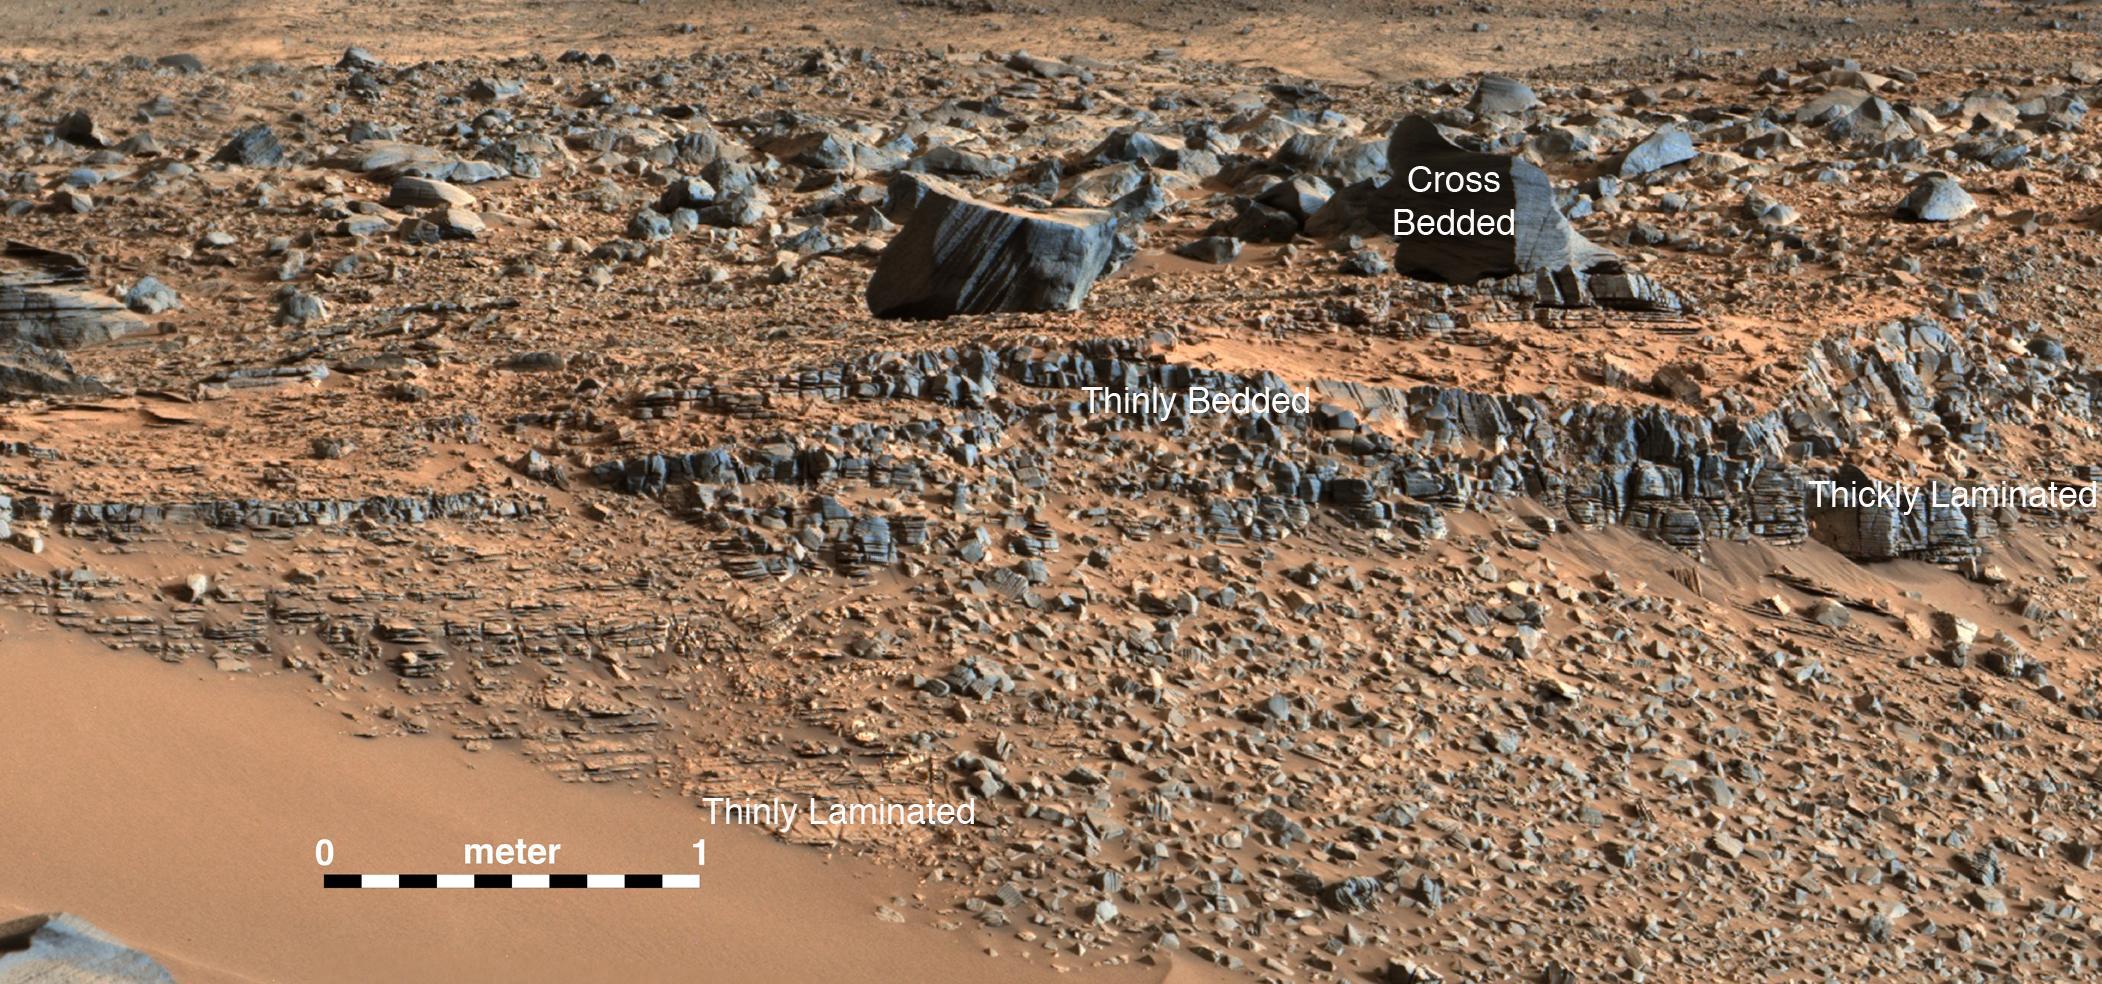 Nasa S Curiosity Rover Team Confirms Ancient Lakes On Mars Mars News